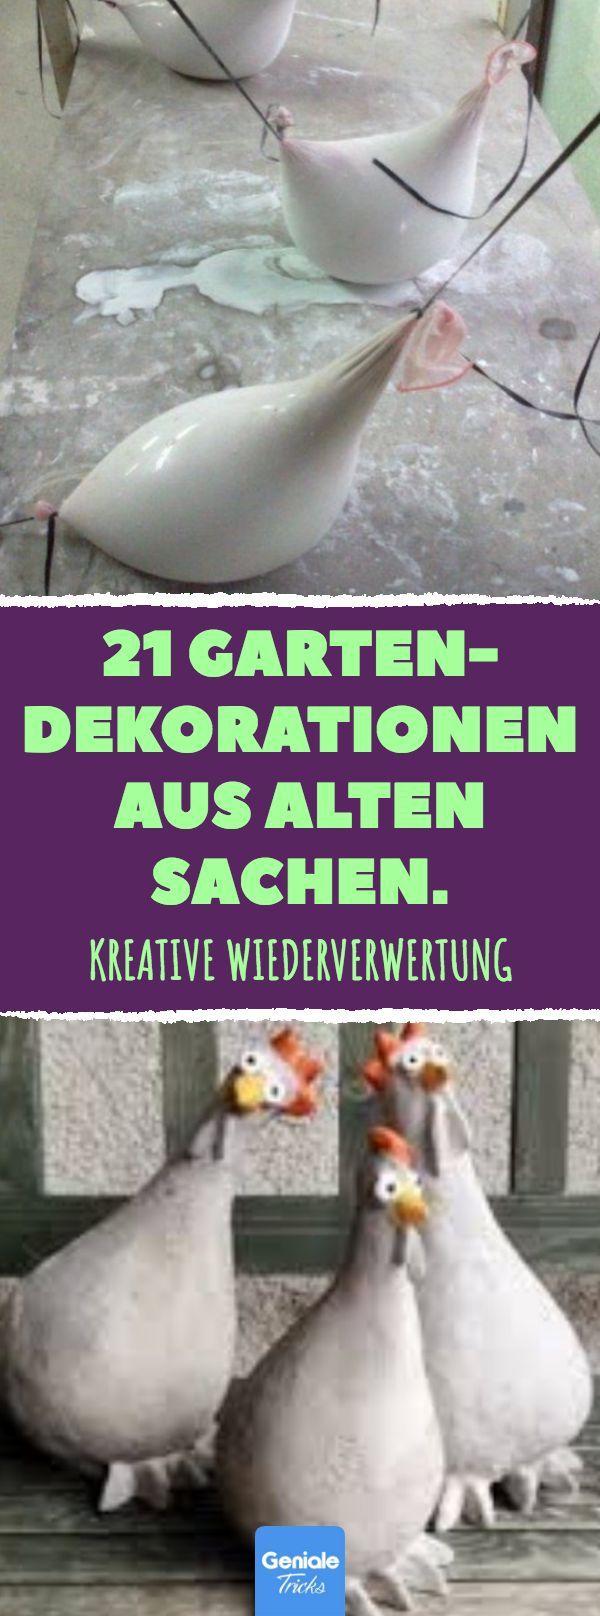 21 Garten- Dekorationen aus alten Sachen. #Gartendeko #Upcycling #Ideen #Garten